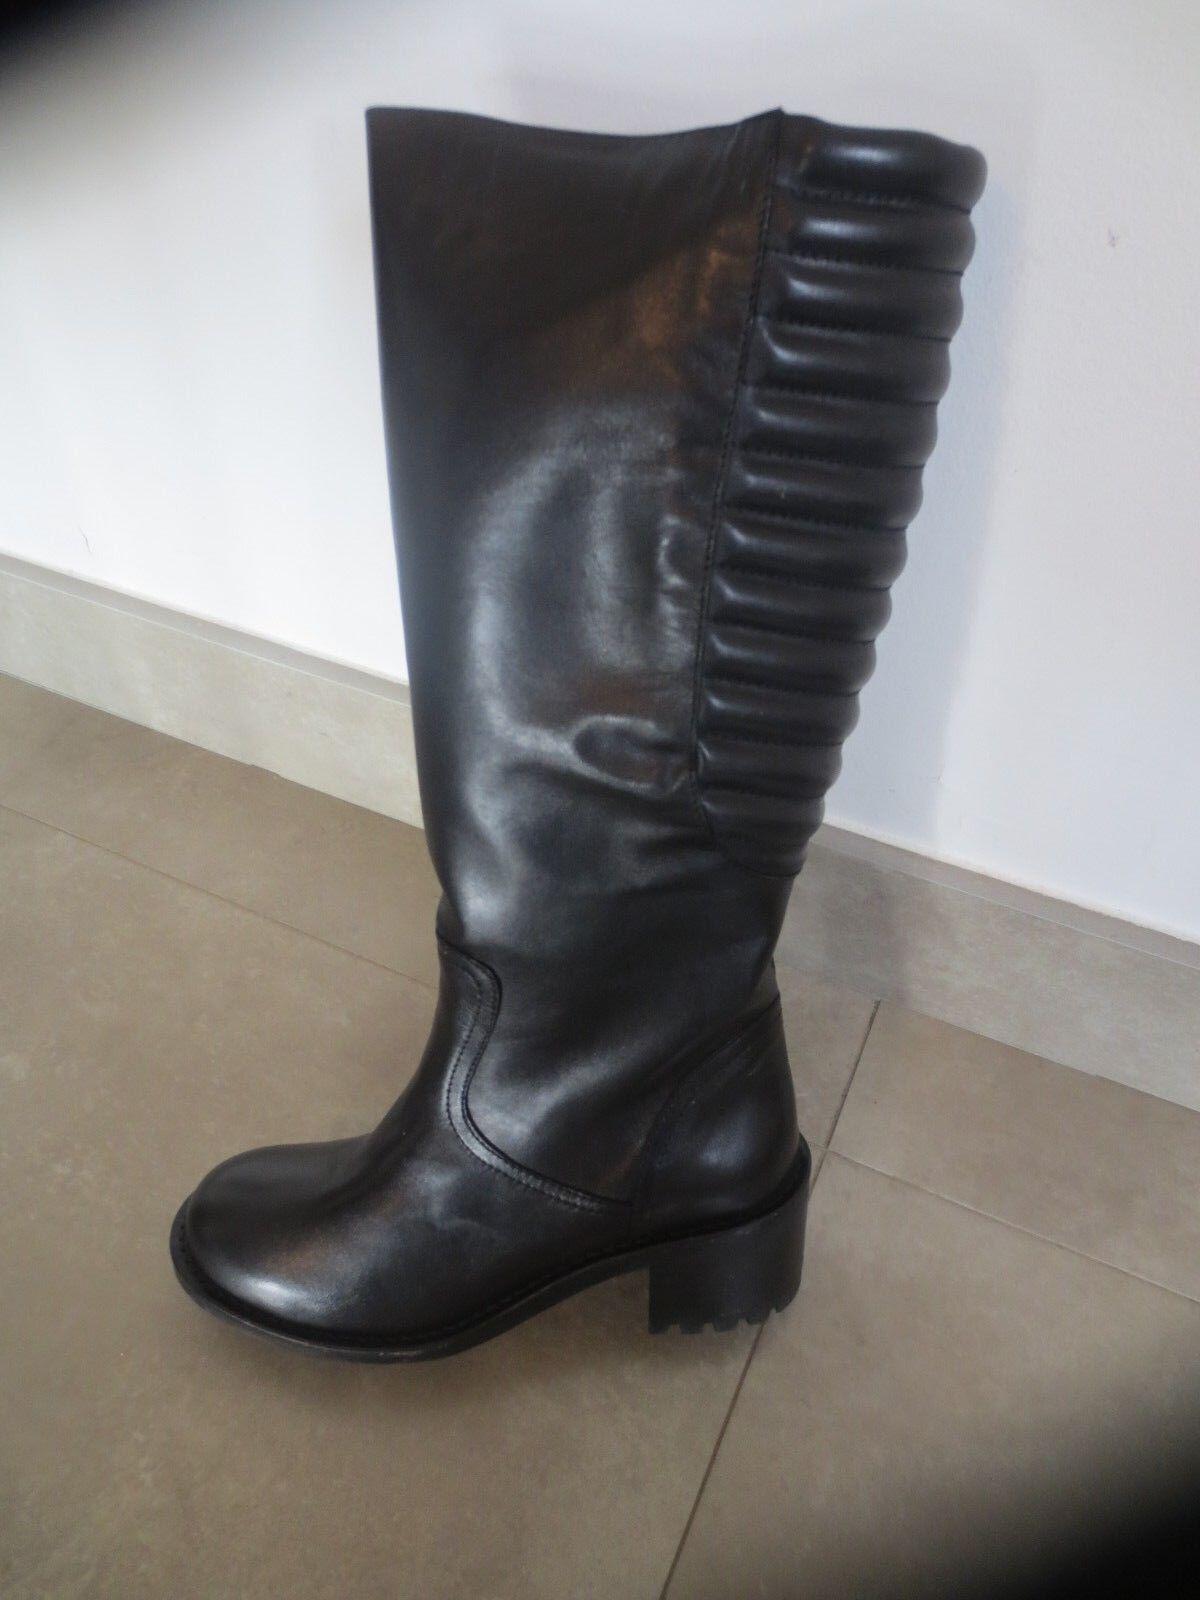 Bottes M par M cuir black  NEUVE Valeur 175E Talon 5cm Pointures 36,37,38,39,40.